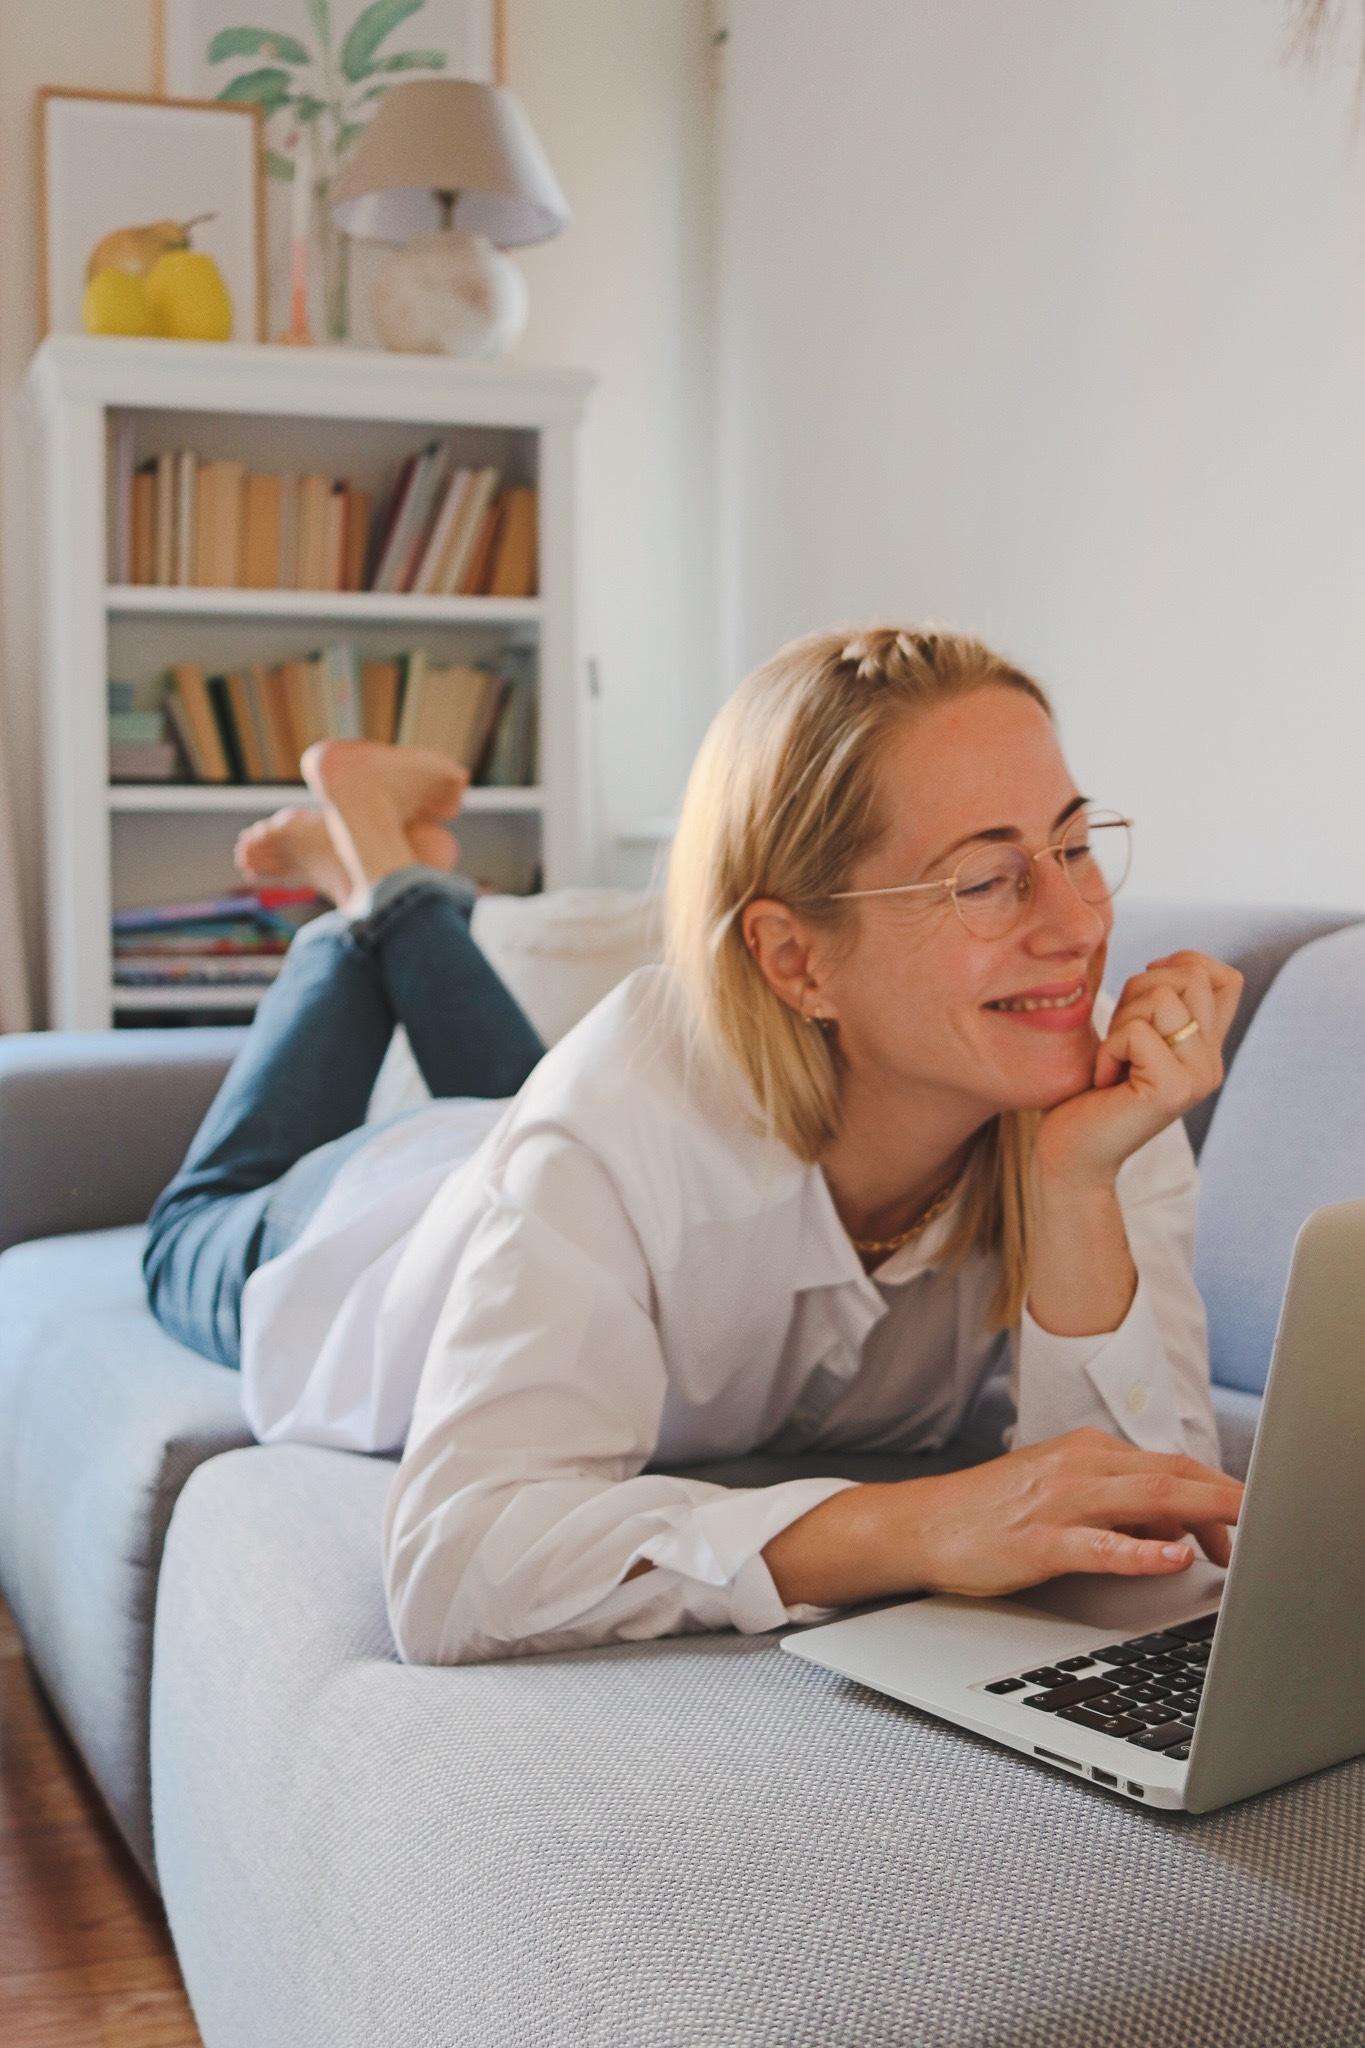 Seelenrelevant: 10 Tipps für mehr Konzentration & Entspannung